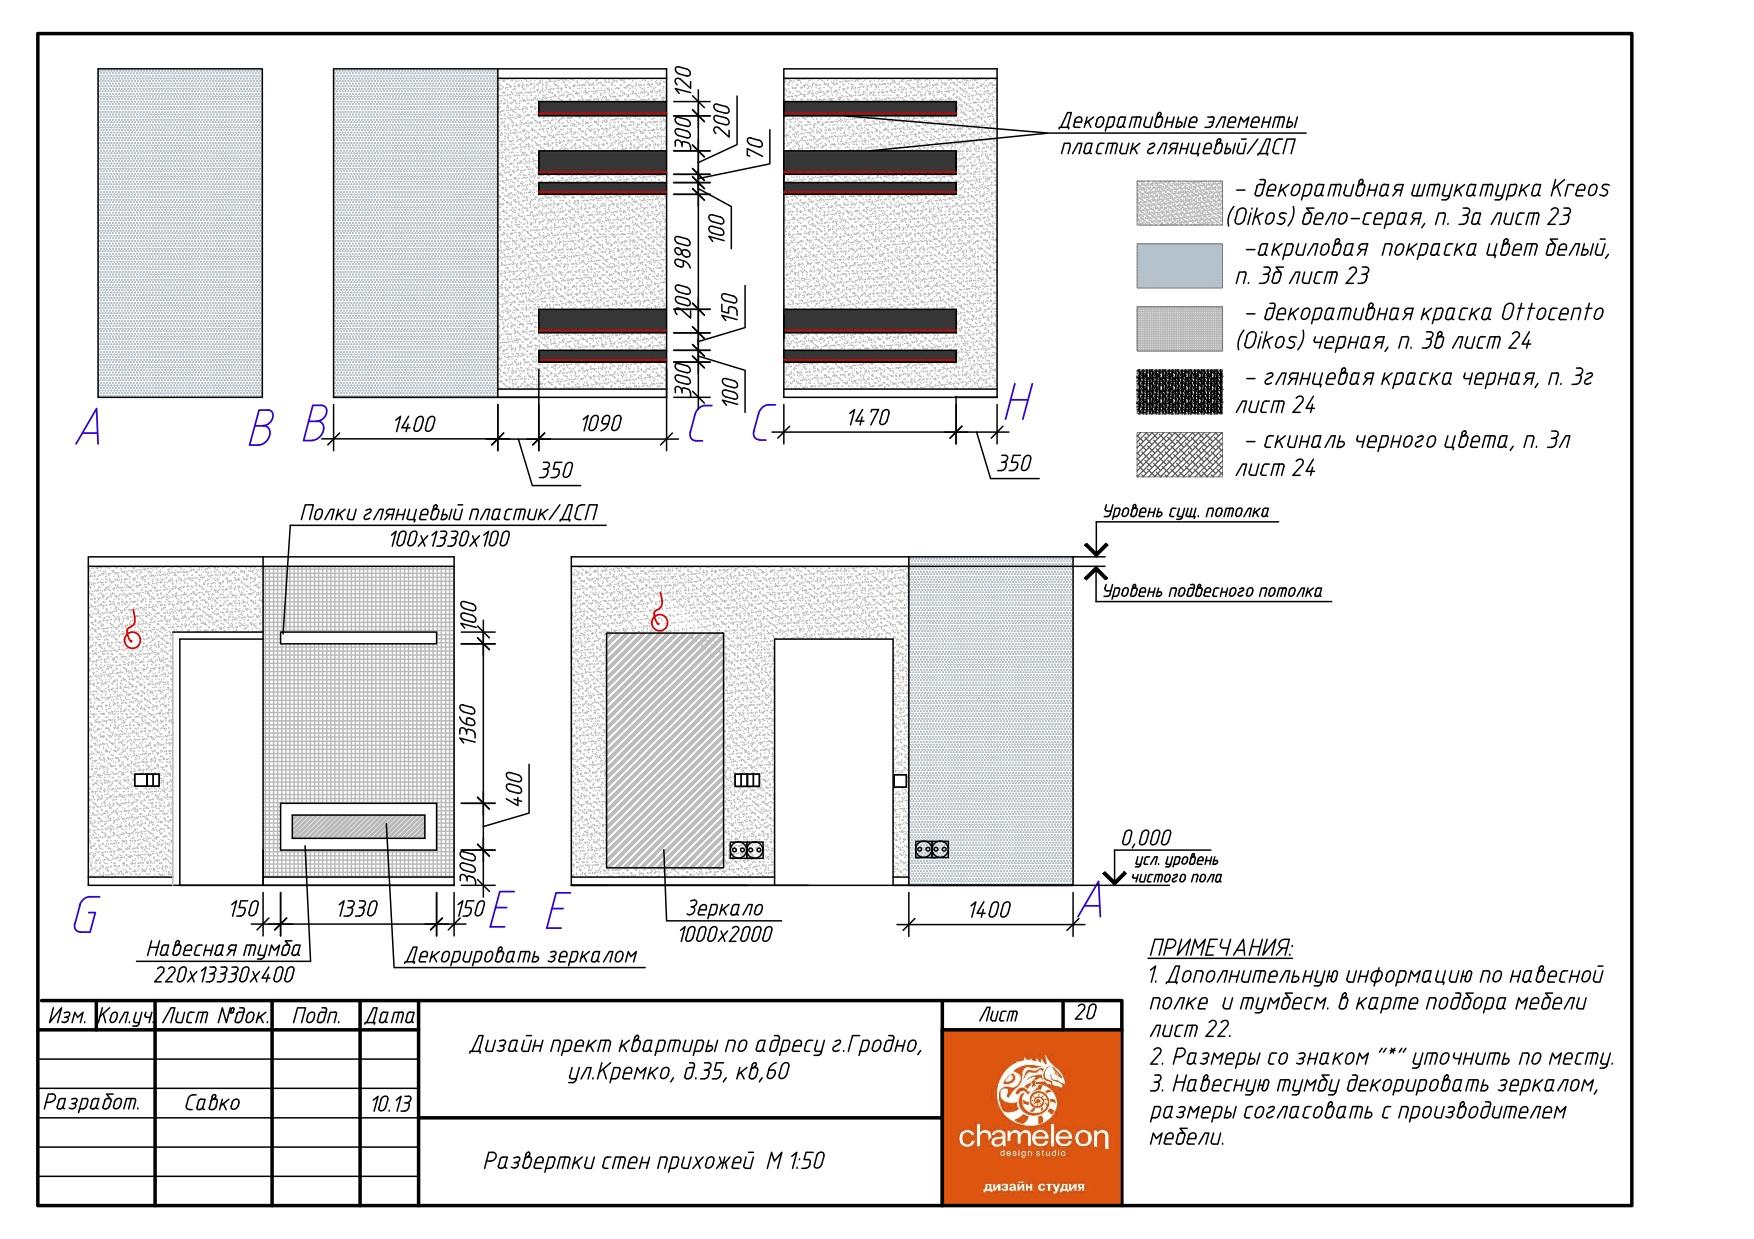 Дизайн интерьера проектирование и визуализация